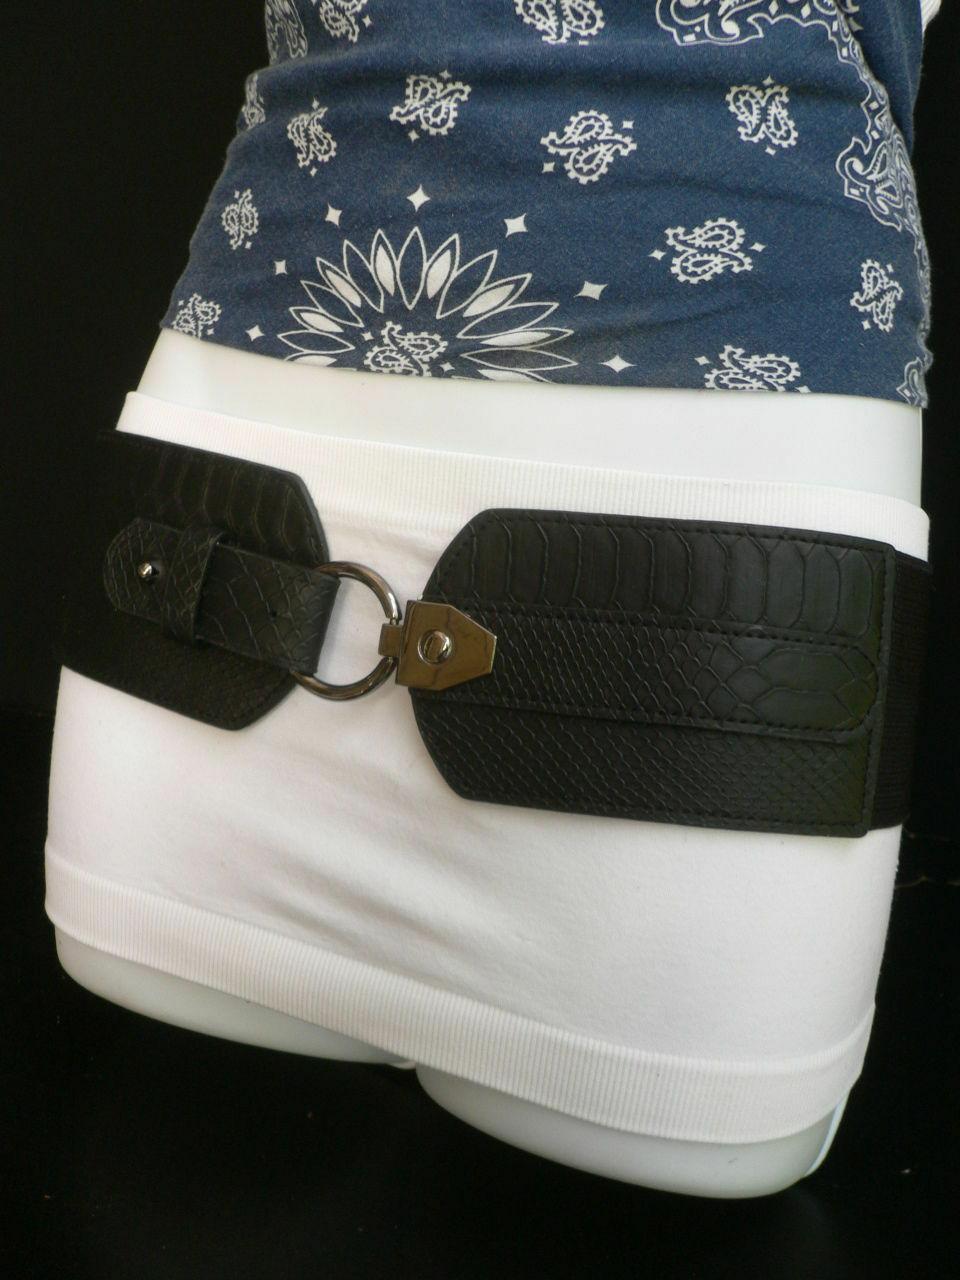 Cinturón para Dama Moda Hip Cintura Elástico Negro Ancho Imitación Piel de image 9